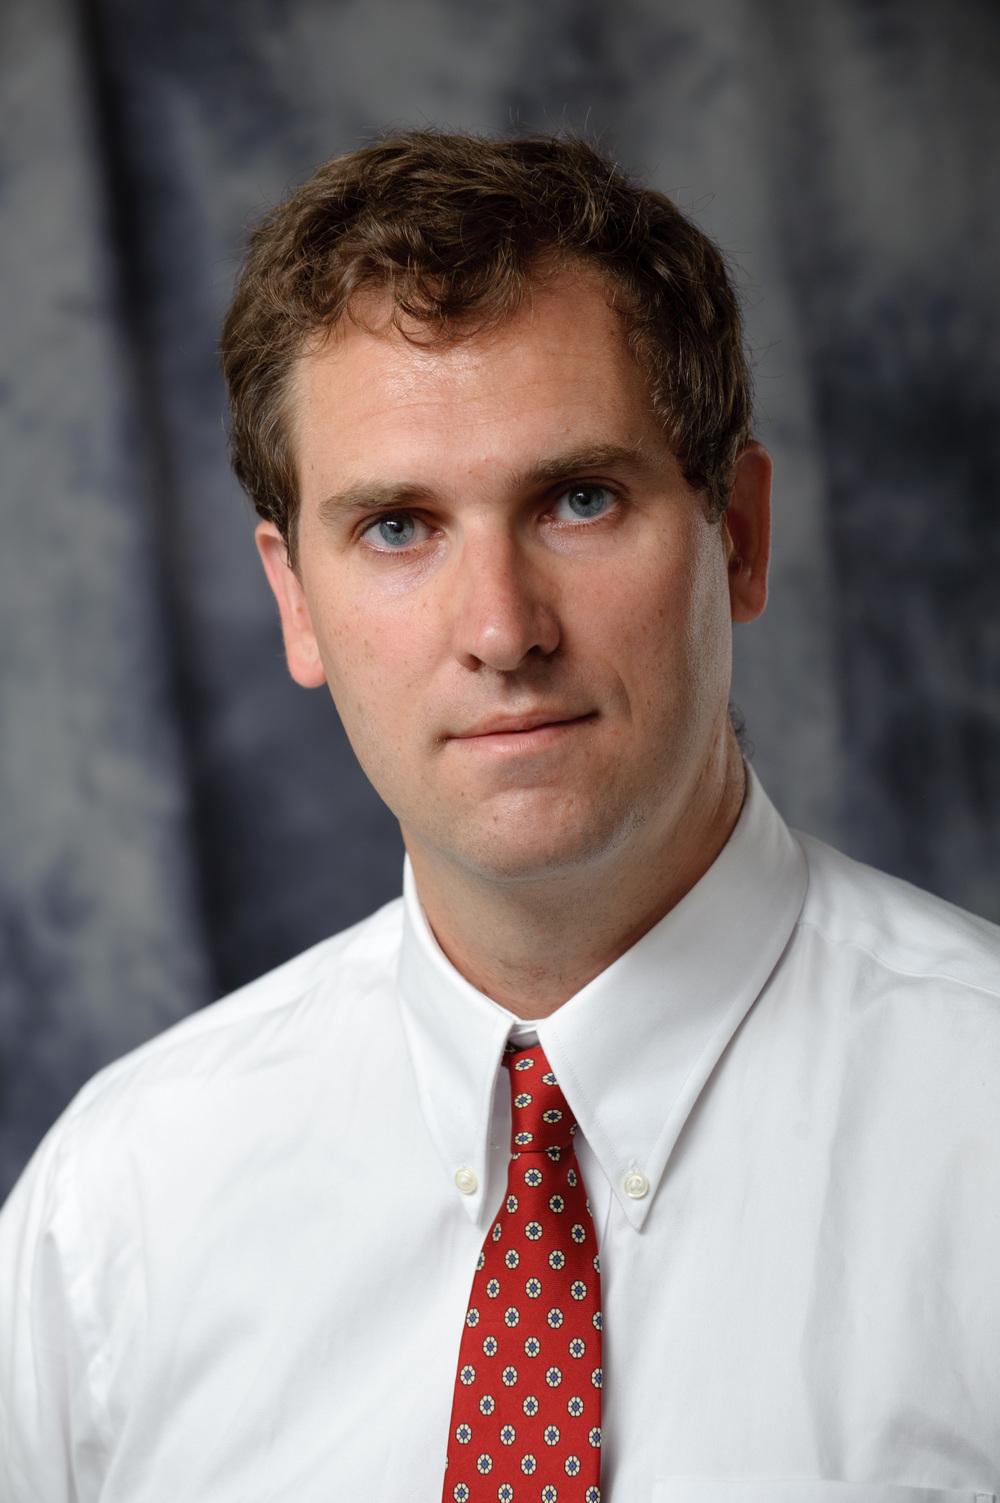 Hayden picture